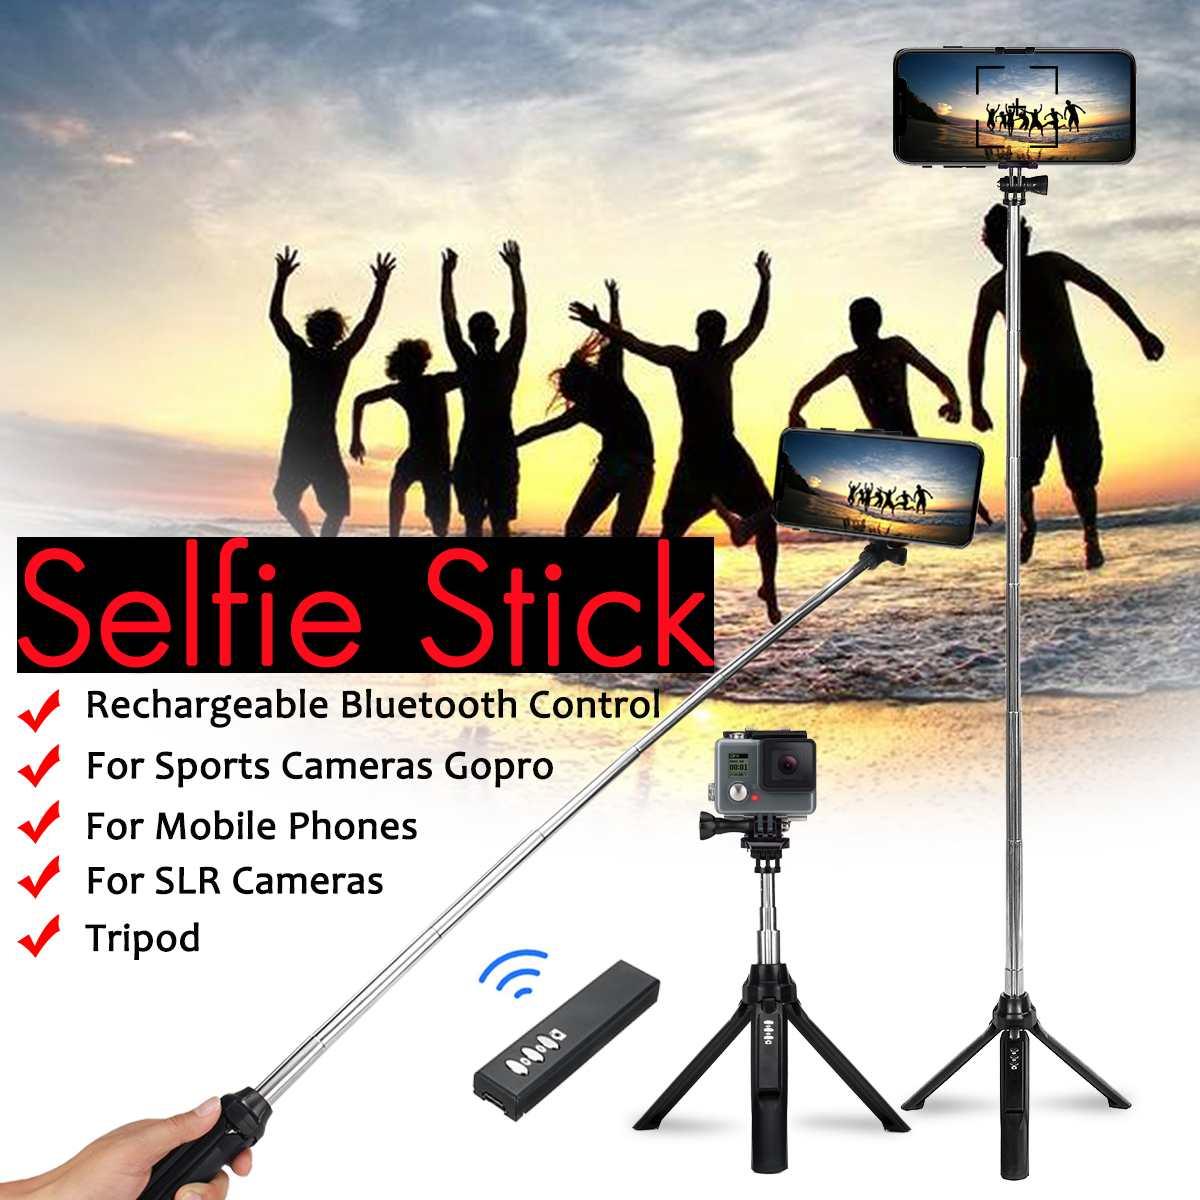 100% Wahr Erweiterbar Selfie Stick Stativ Einbeinstativ Bluetooth Remote Variablen Fokussierung Für Iphone Für Xiaomi/samsung Für Gopro 4 5 Slr Kamera Duftendes Aroma